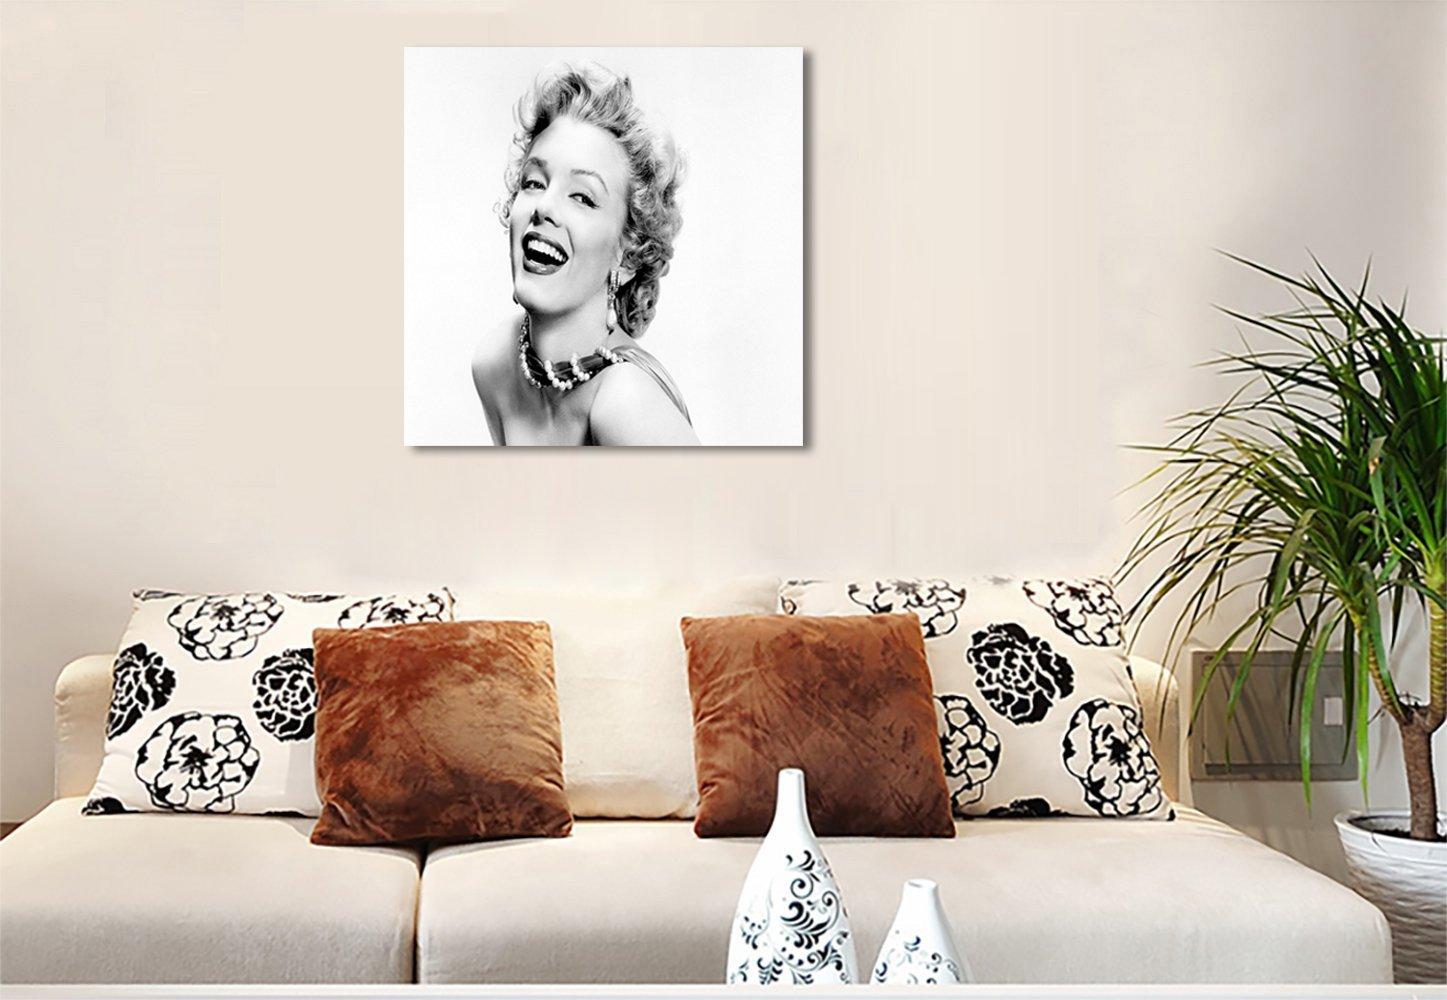 セクシーなマリリンモンロープリントキャンバスの壁アートリビングルームホームデコレーションのブラックホワイトPrints画像フレーム入り 60x60cm WallArt0092597 B077SYG46V 60x60cm P4 P4 60x60cm